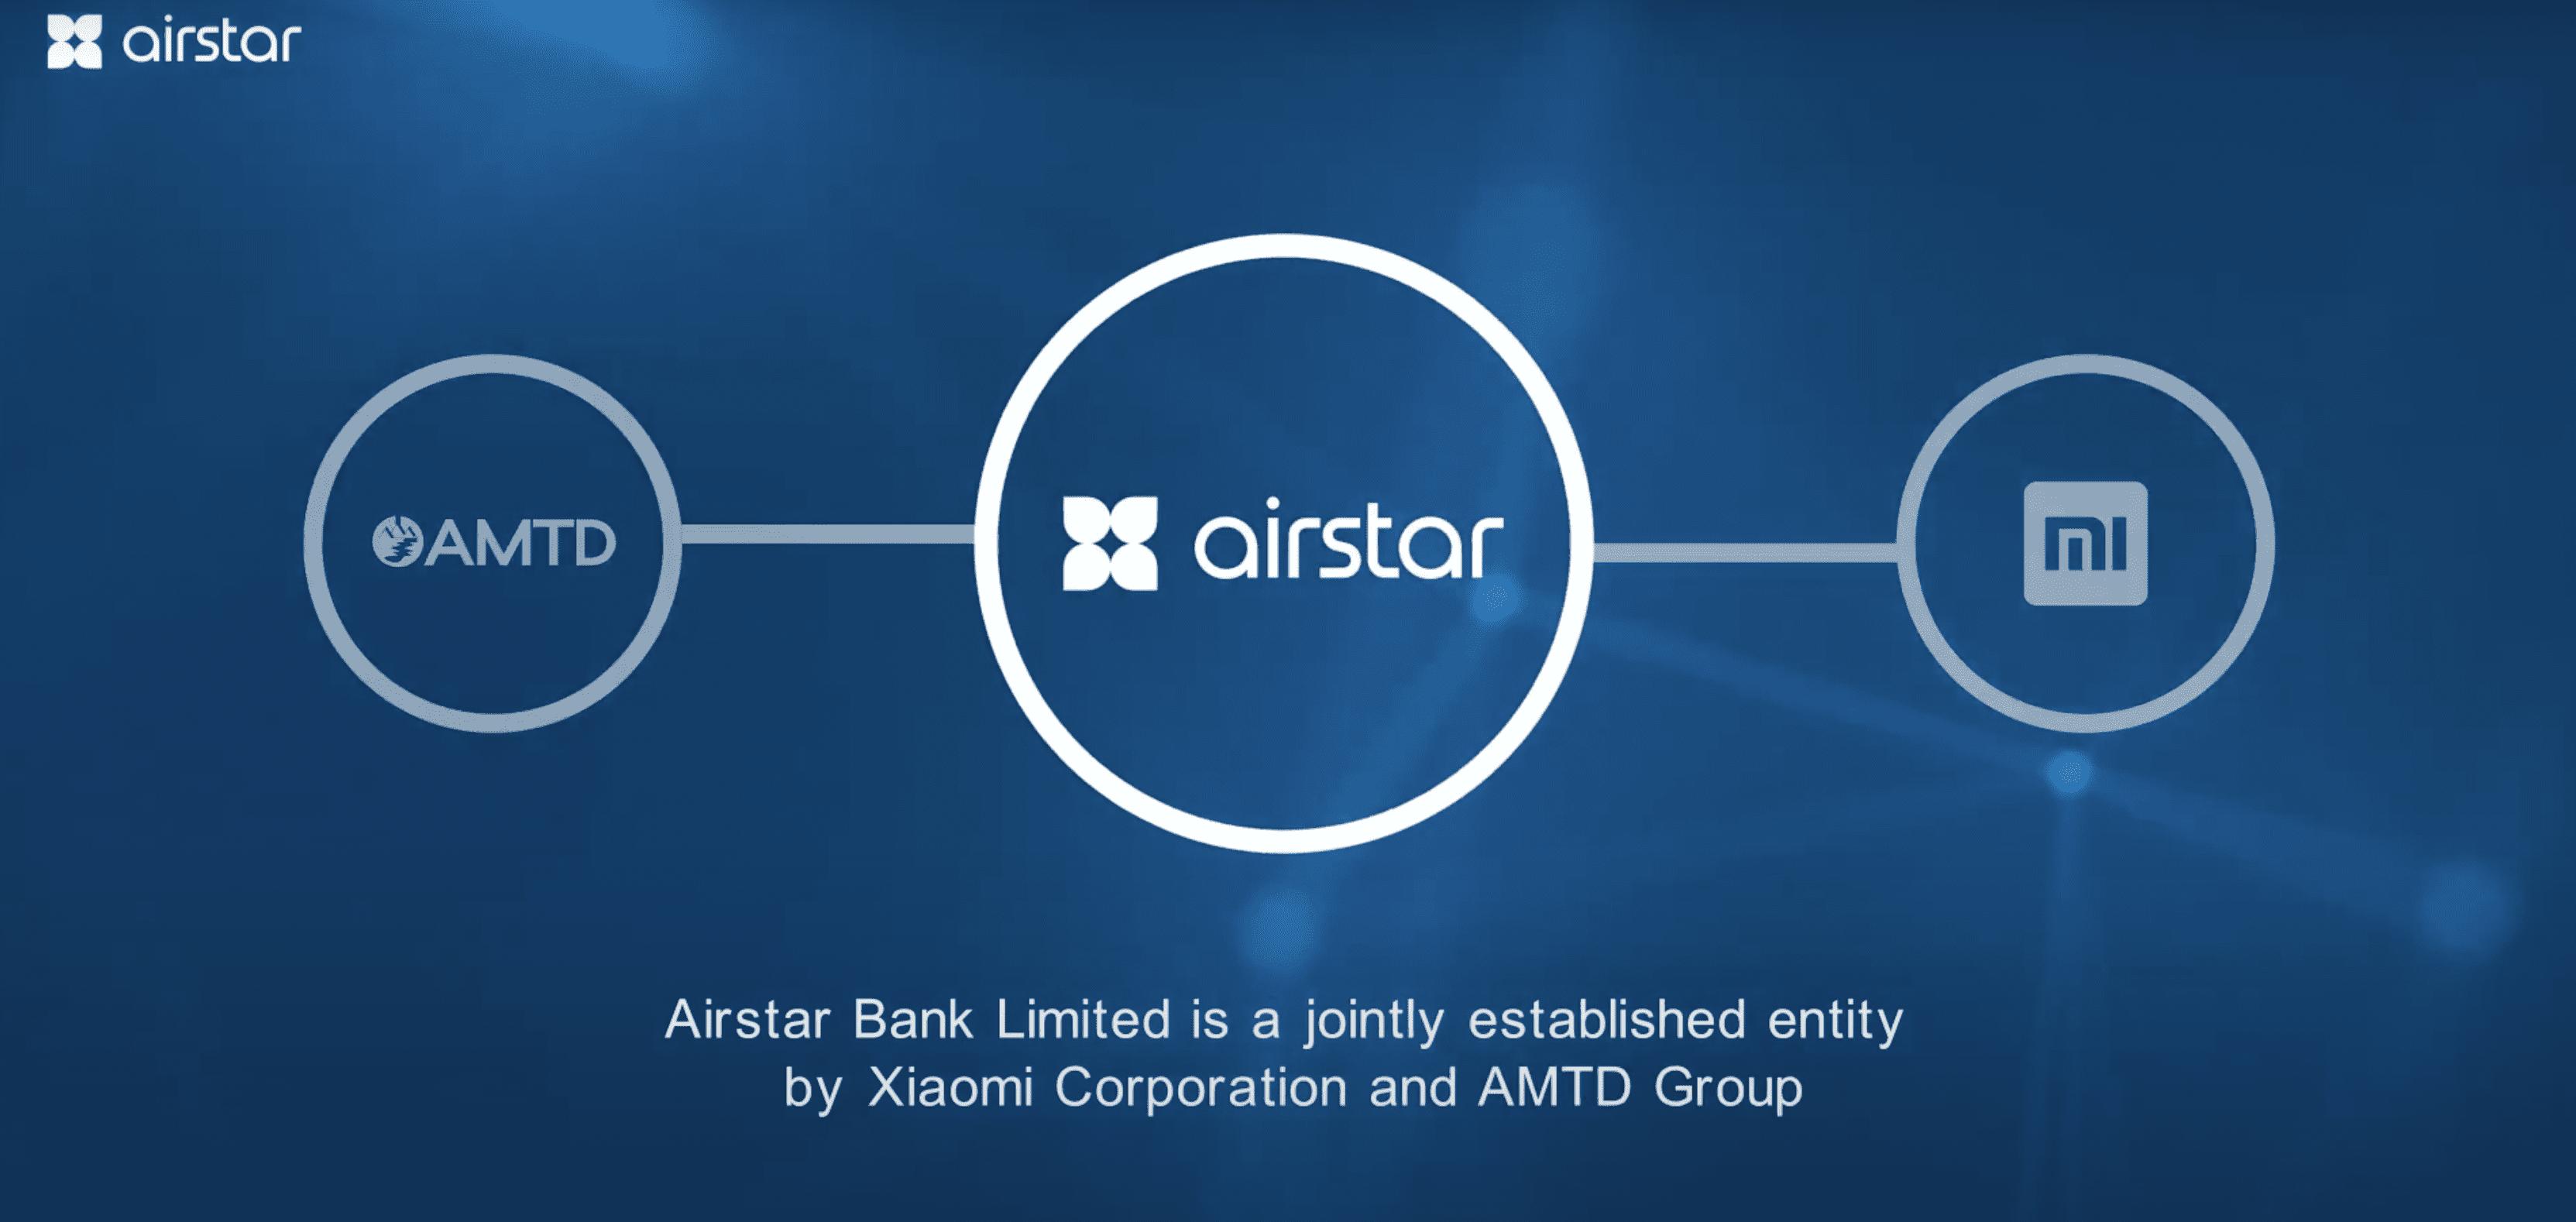 AMTD Digital | Virtual Banking: Airstar Bank